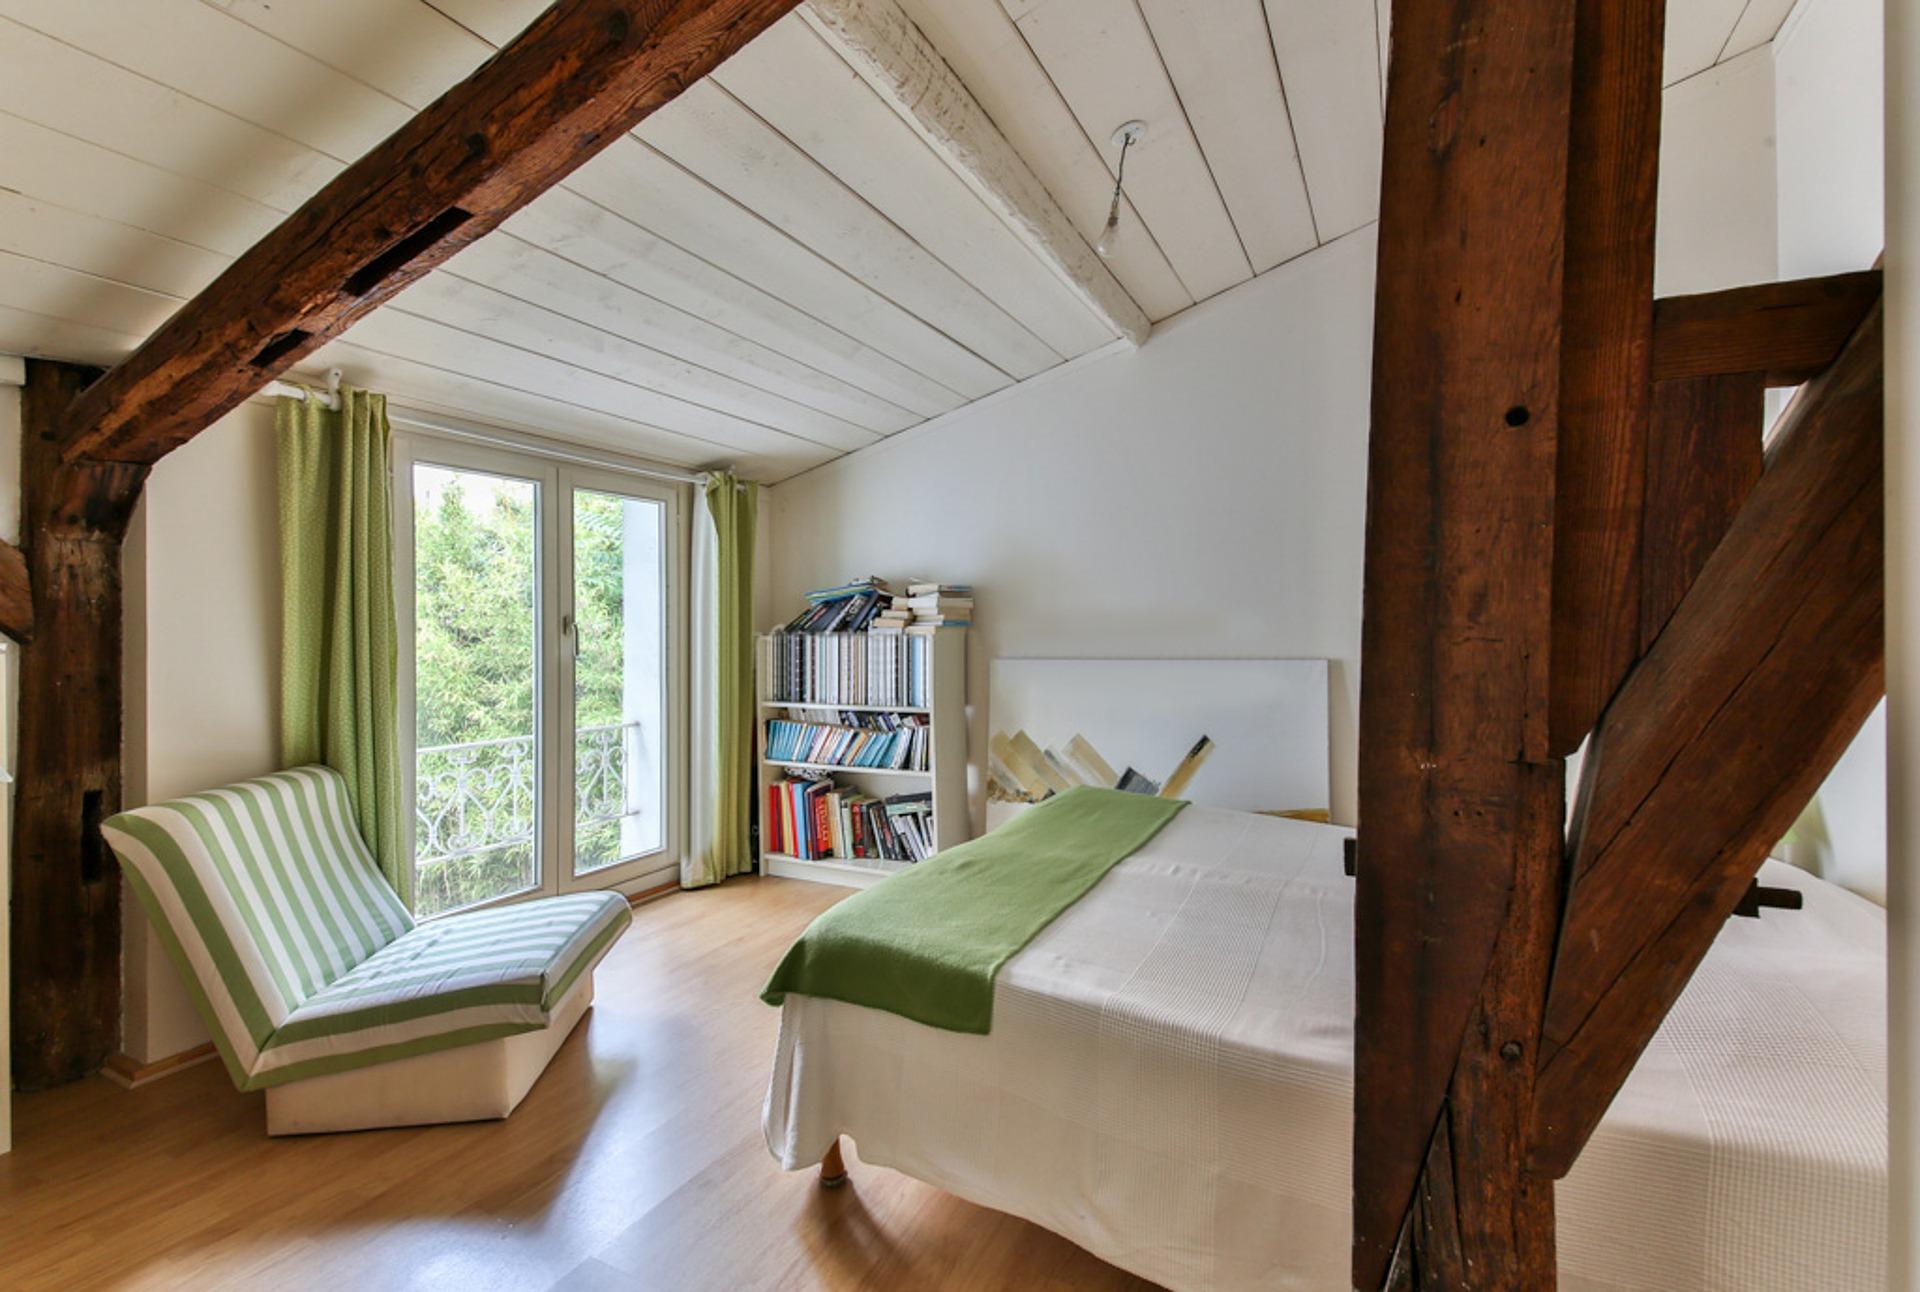 Arredamento Casa Le Tendenze Per Il 2018 Blog Sim Immobiliare